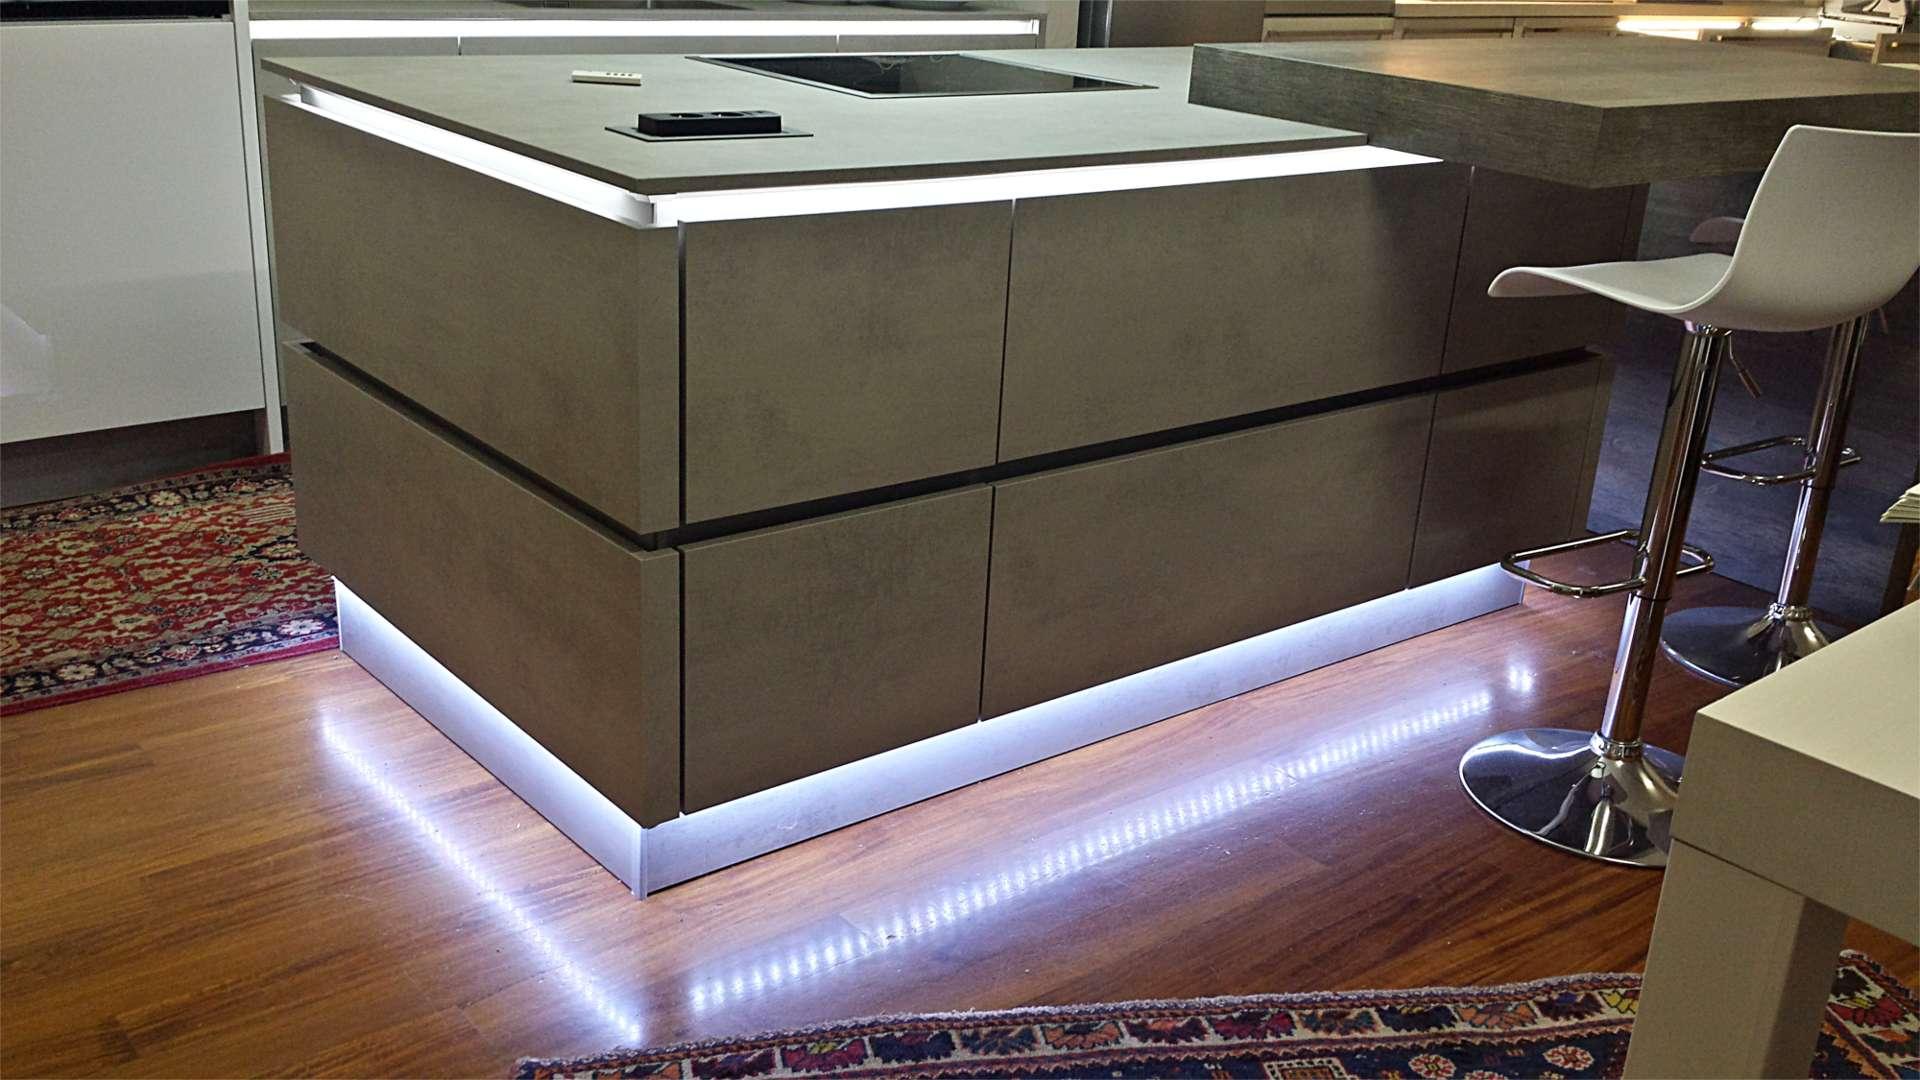 Visita il nostro showroom di cucine moderne a latisana clara cucine